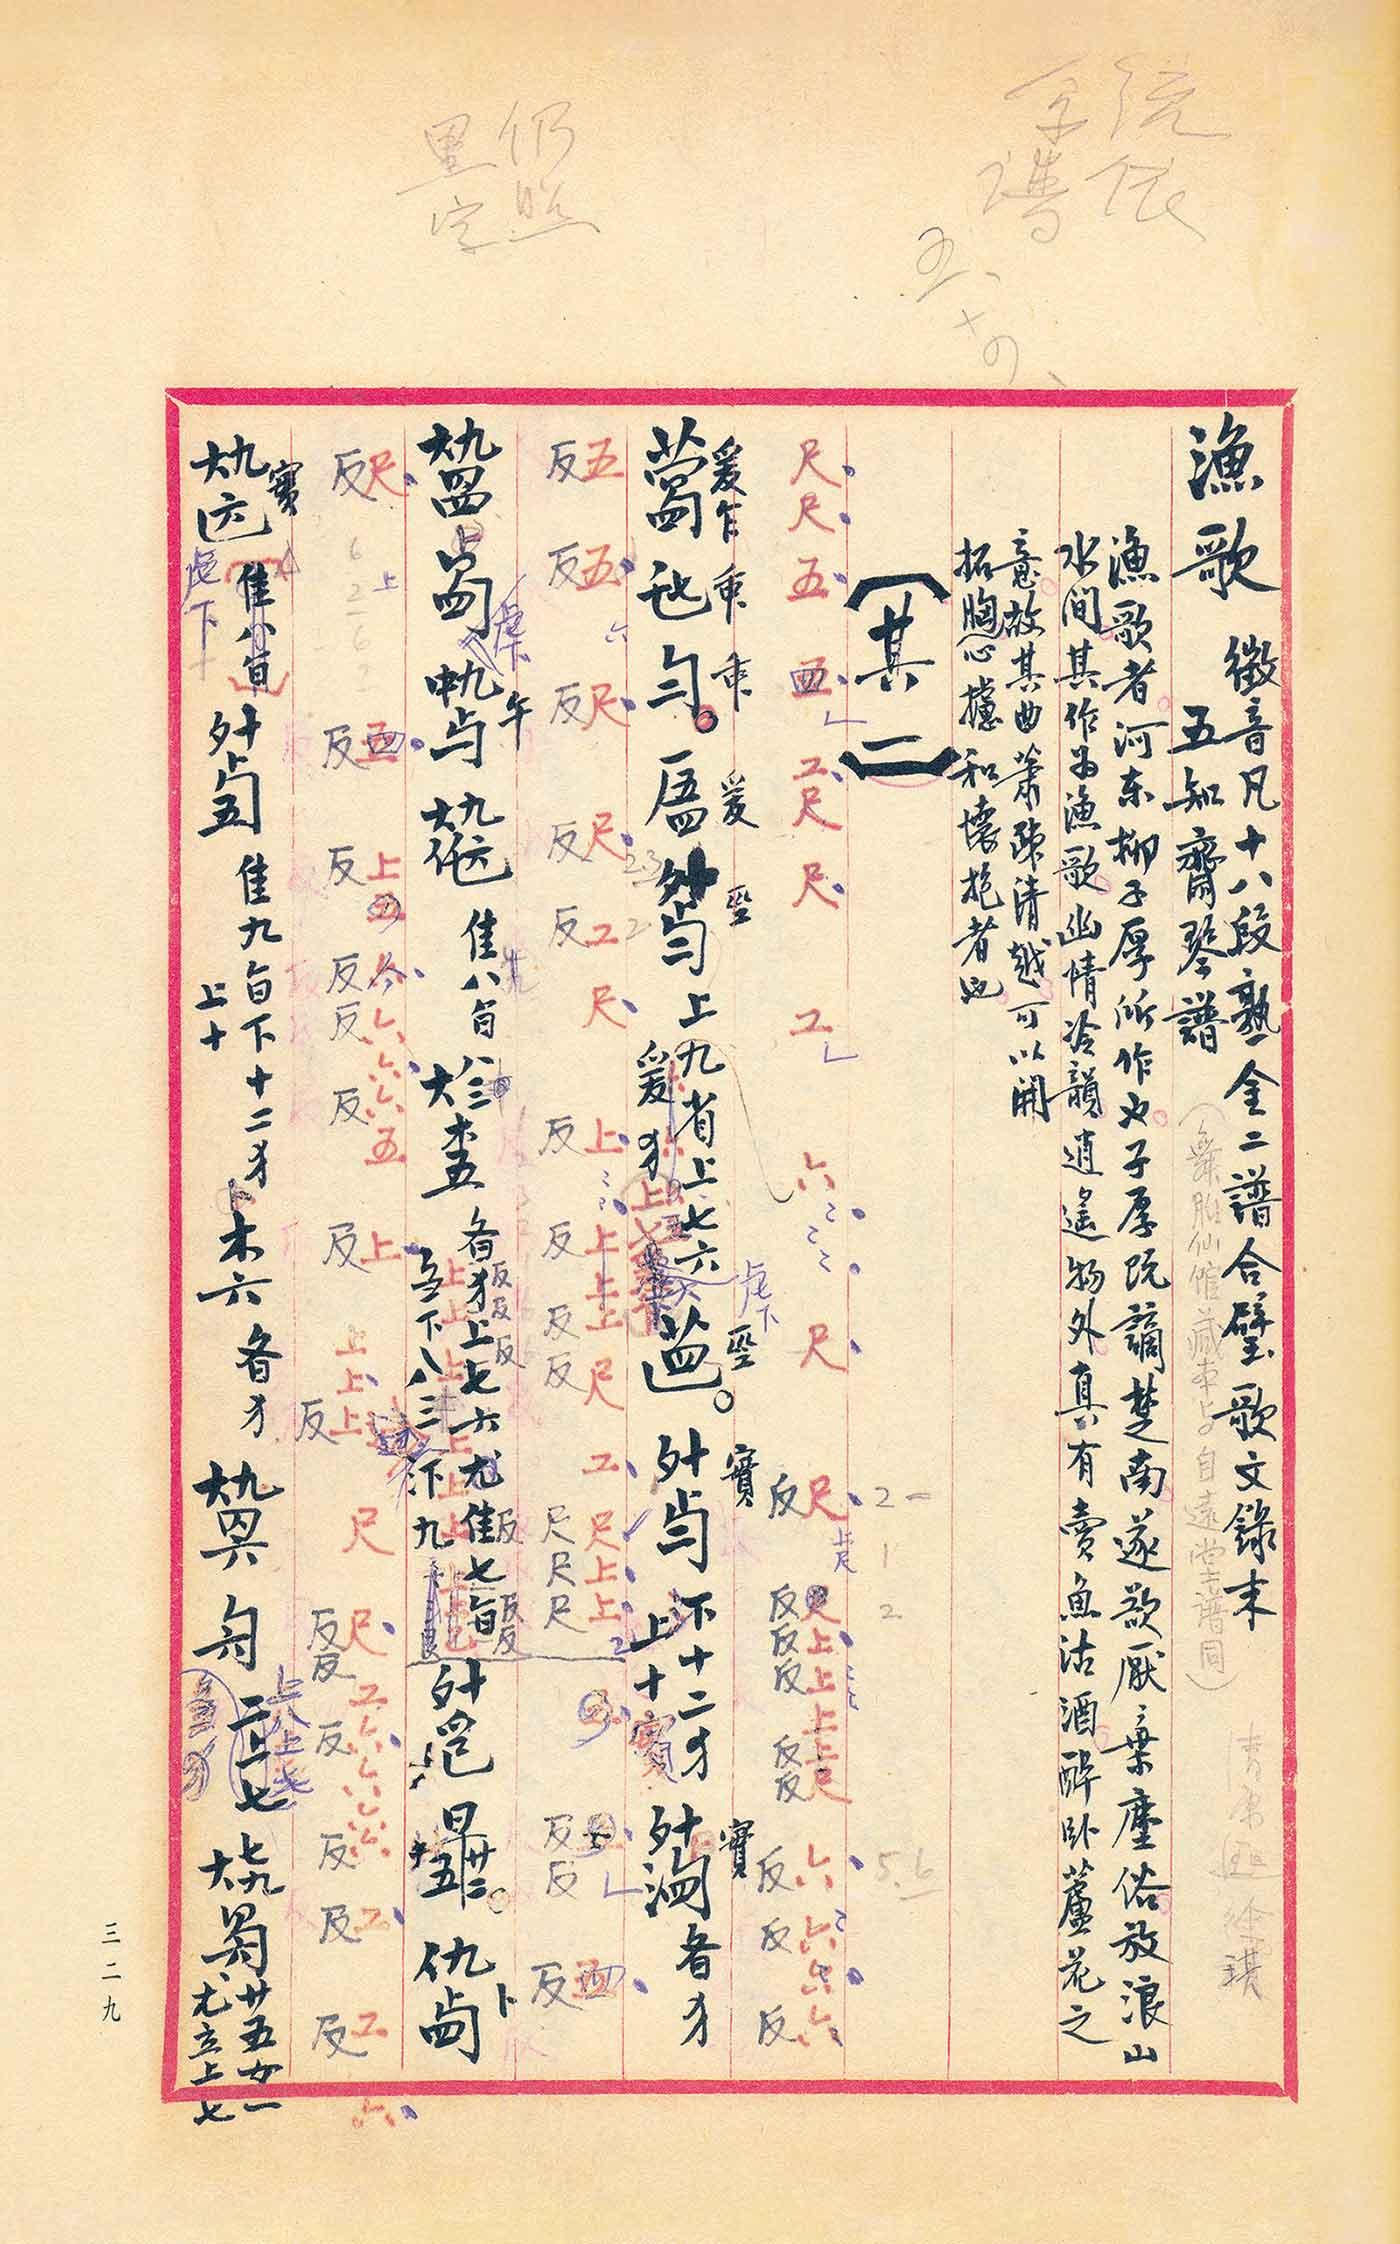 Tablature du Chant du Pêcheur, manuscrit de Cai laoshi